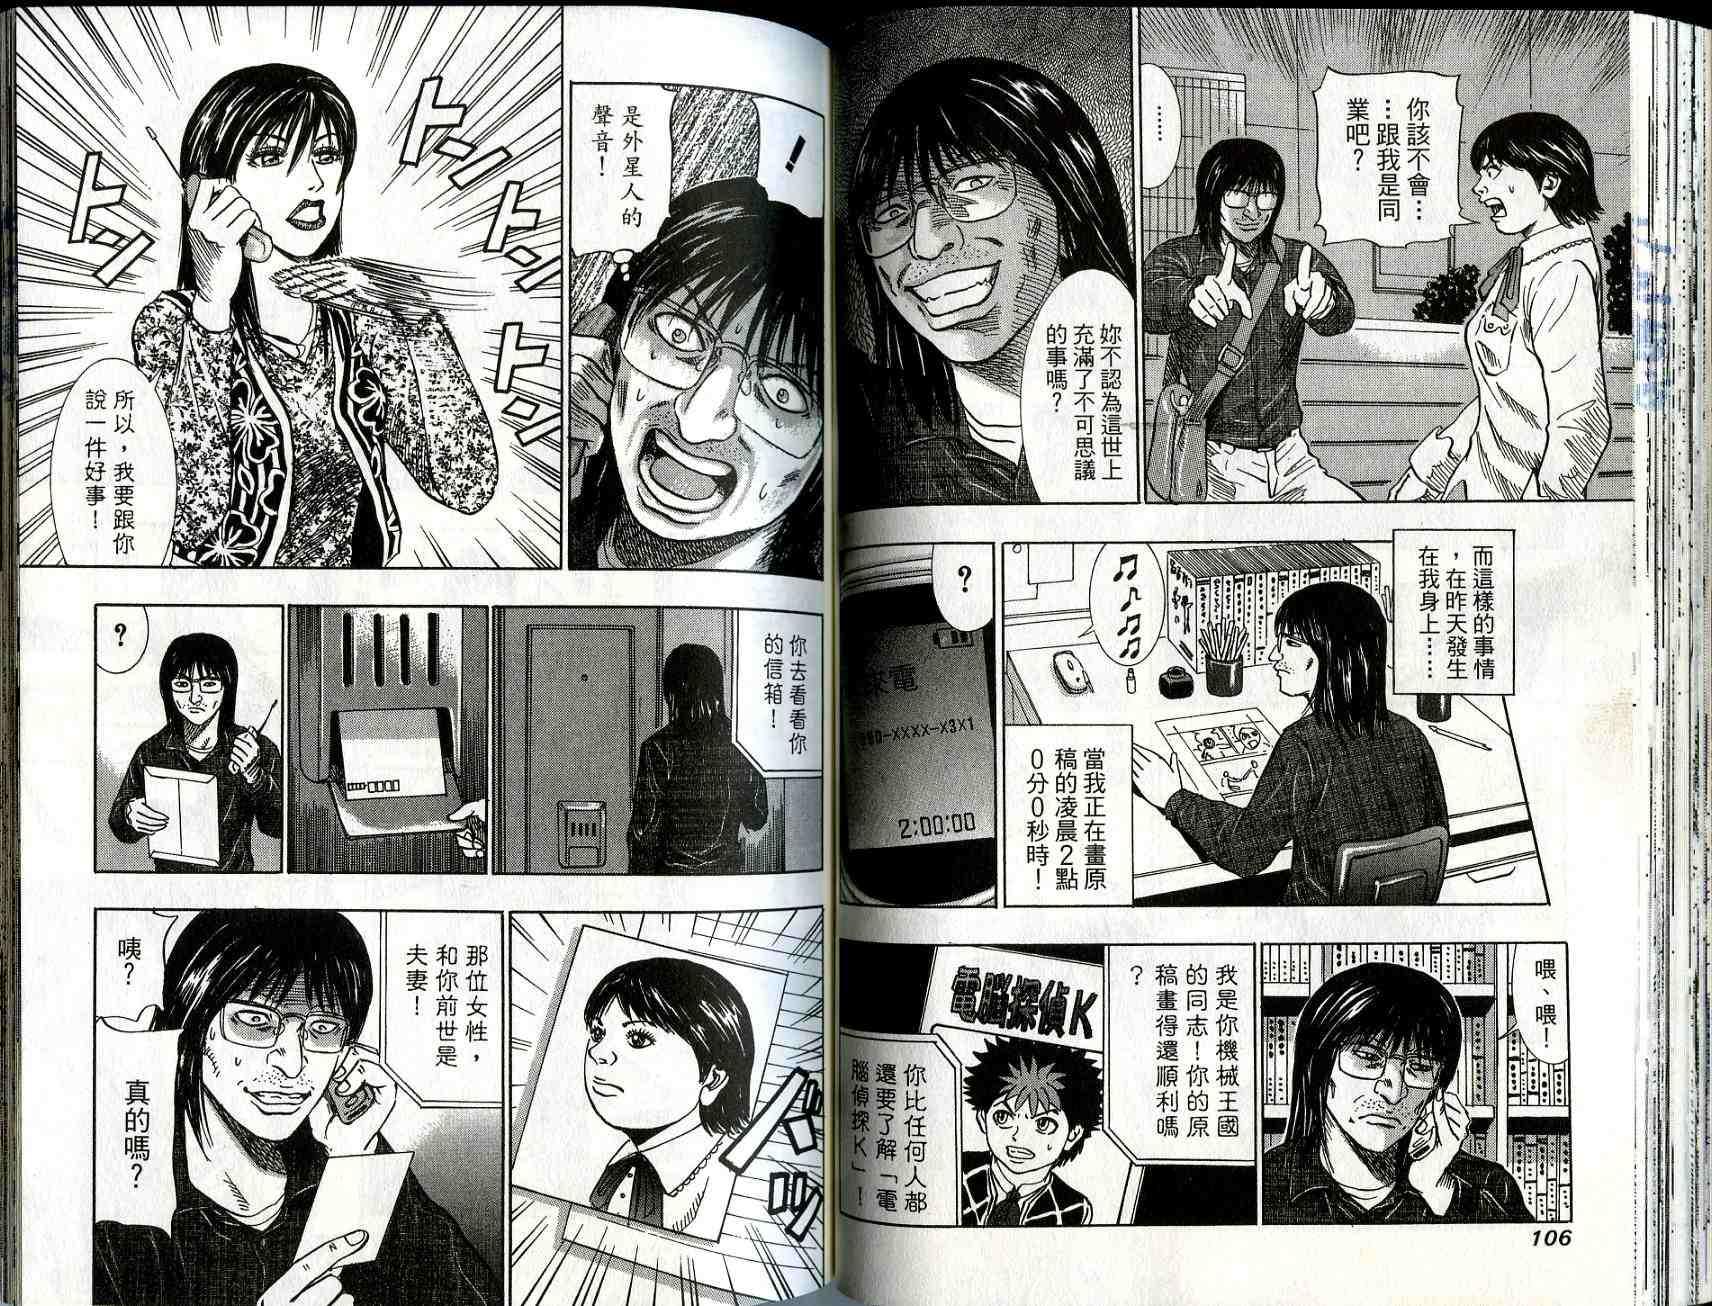 怨恨屋本鋪漫畫04卷(第54頁)_怨恨屋本鋪04卷劇情-看漫畫